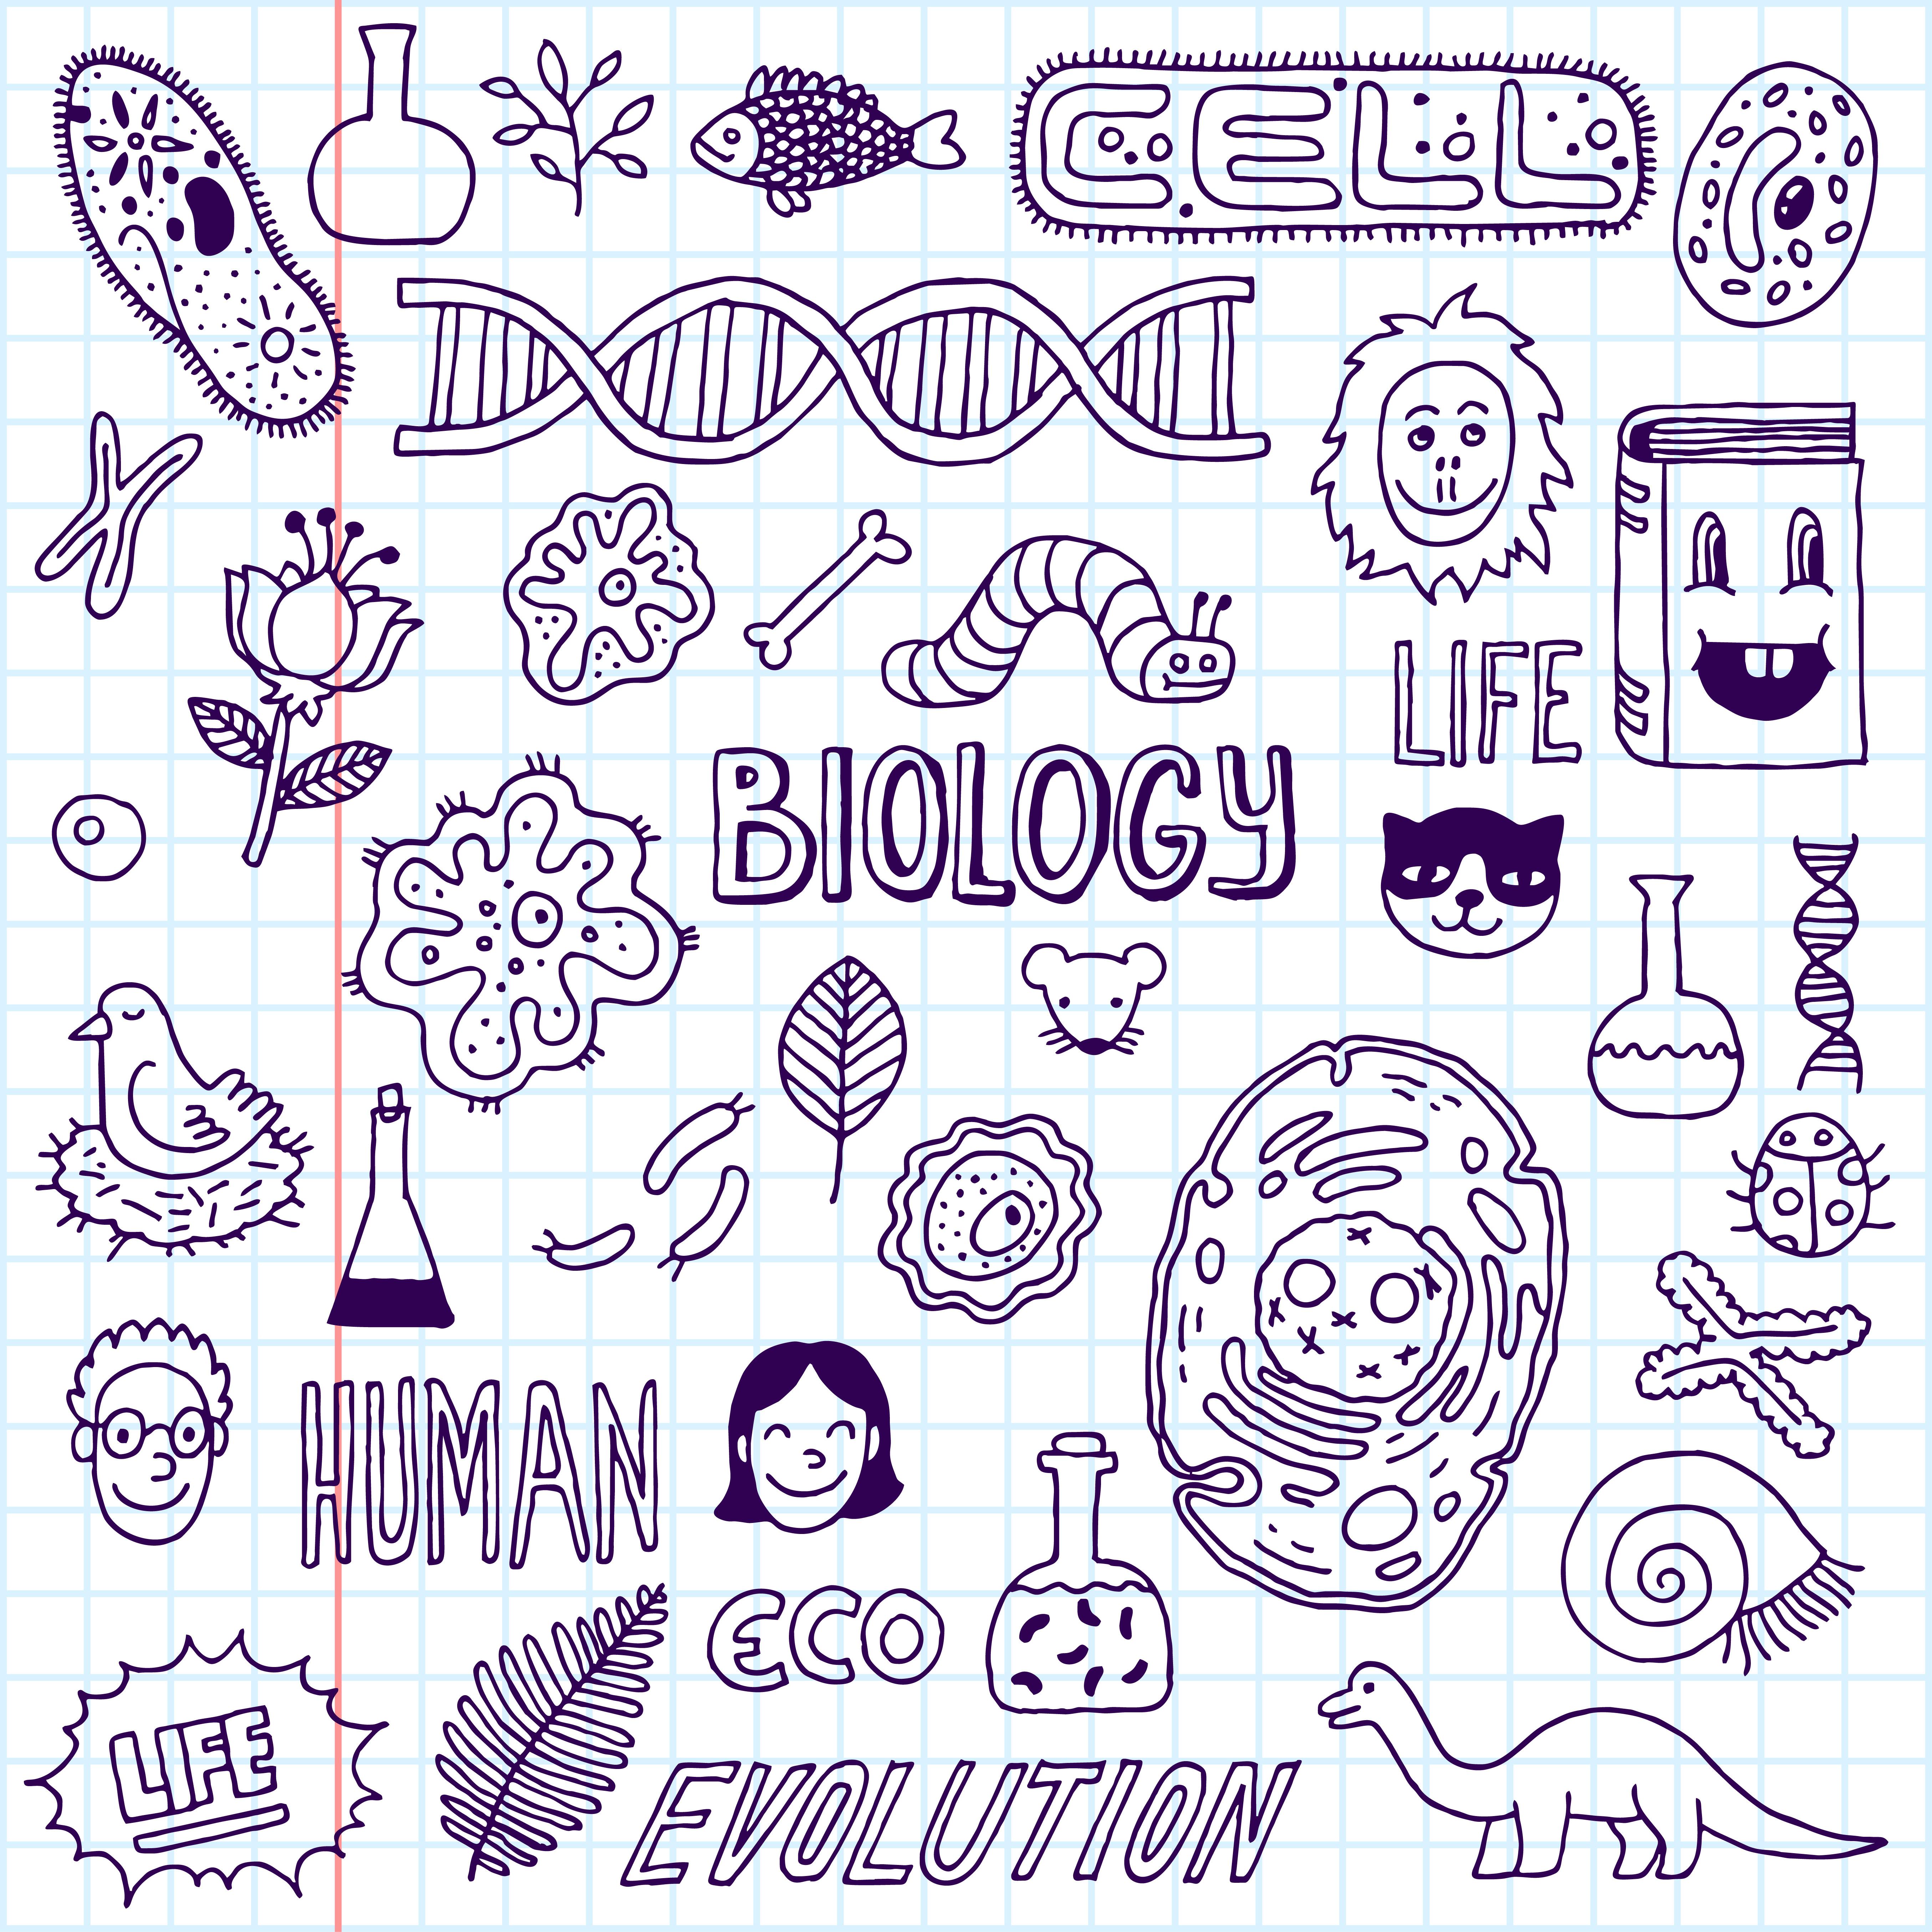 Biologydoodles